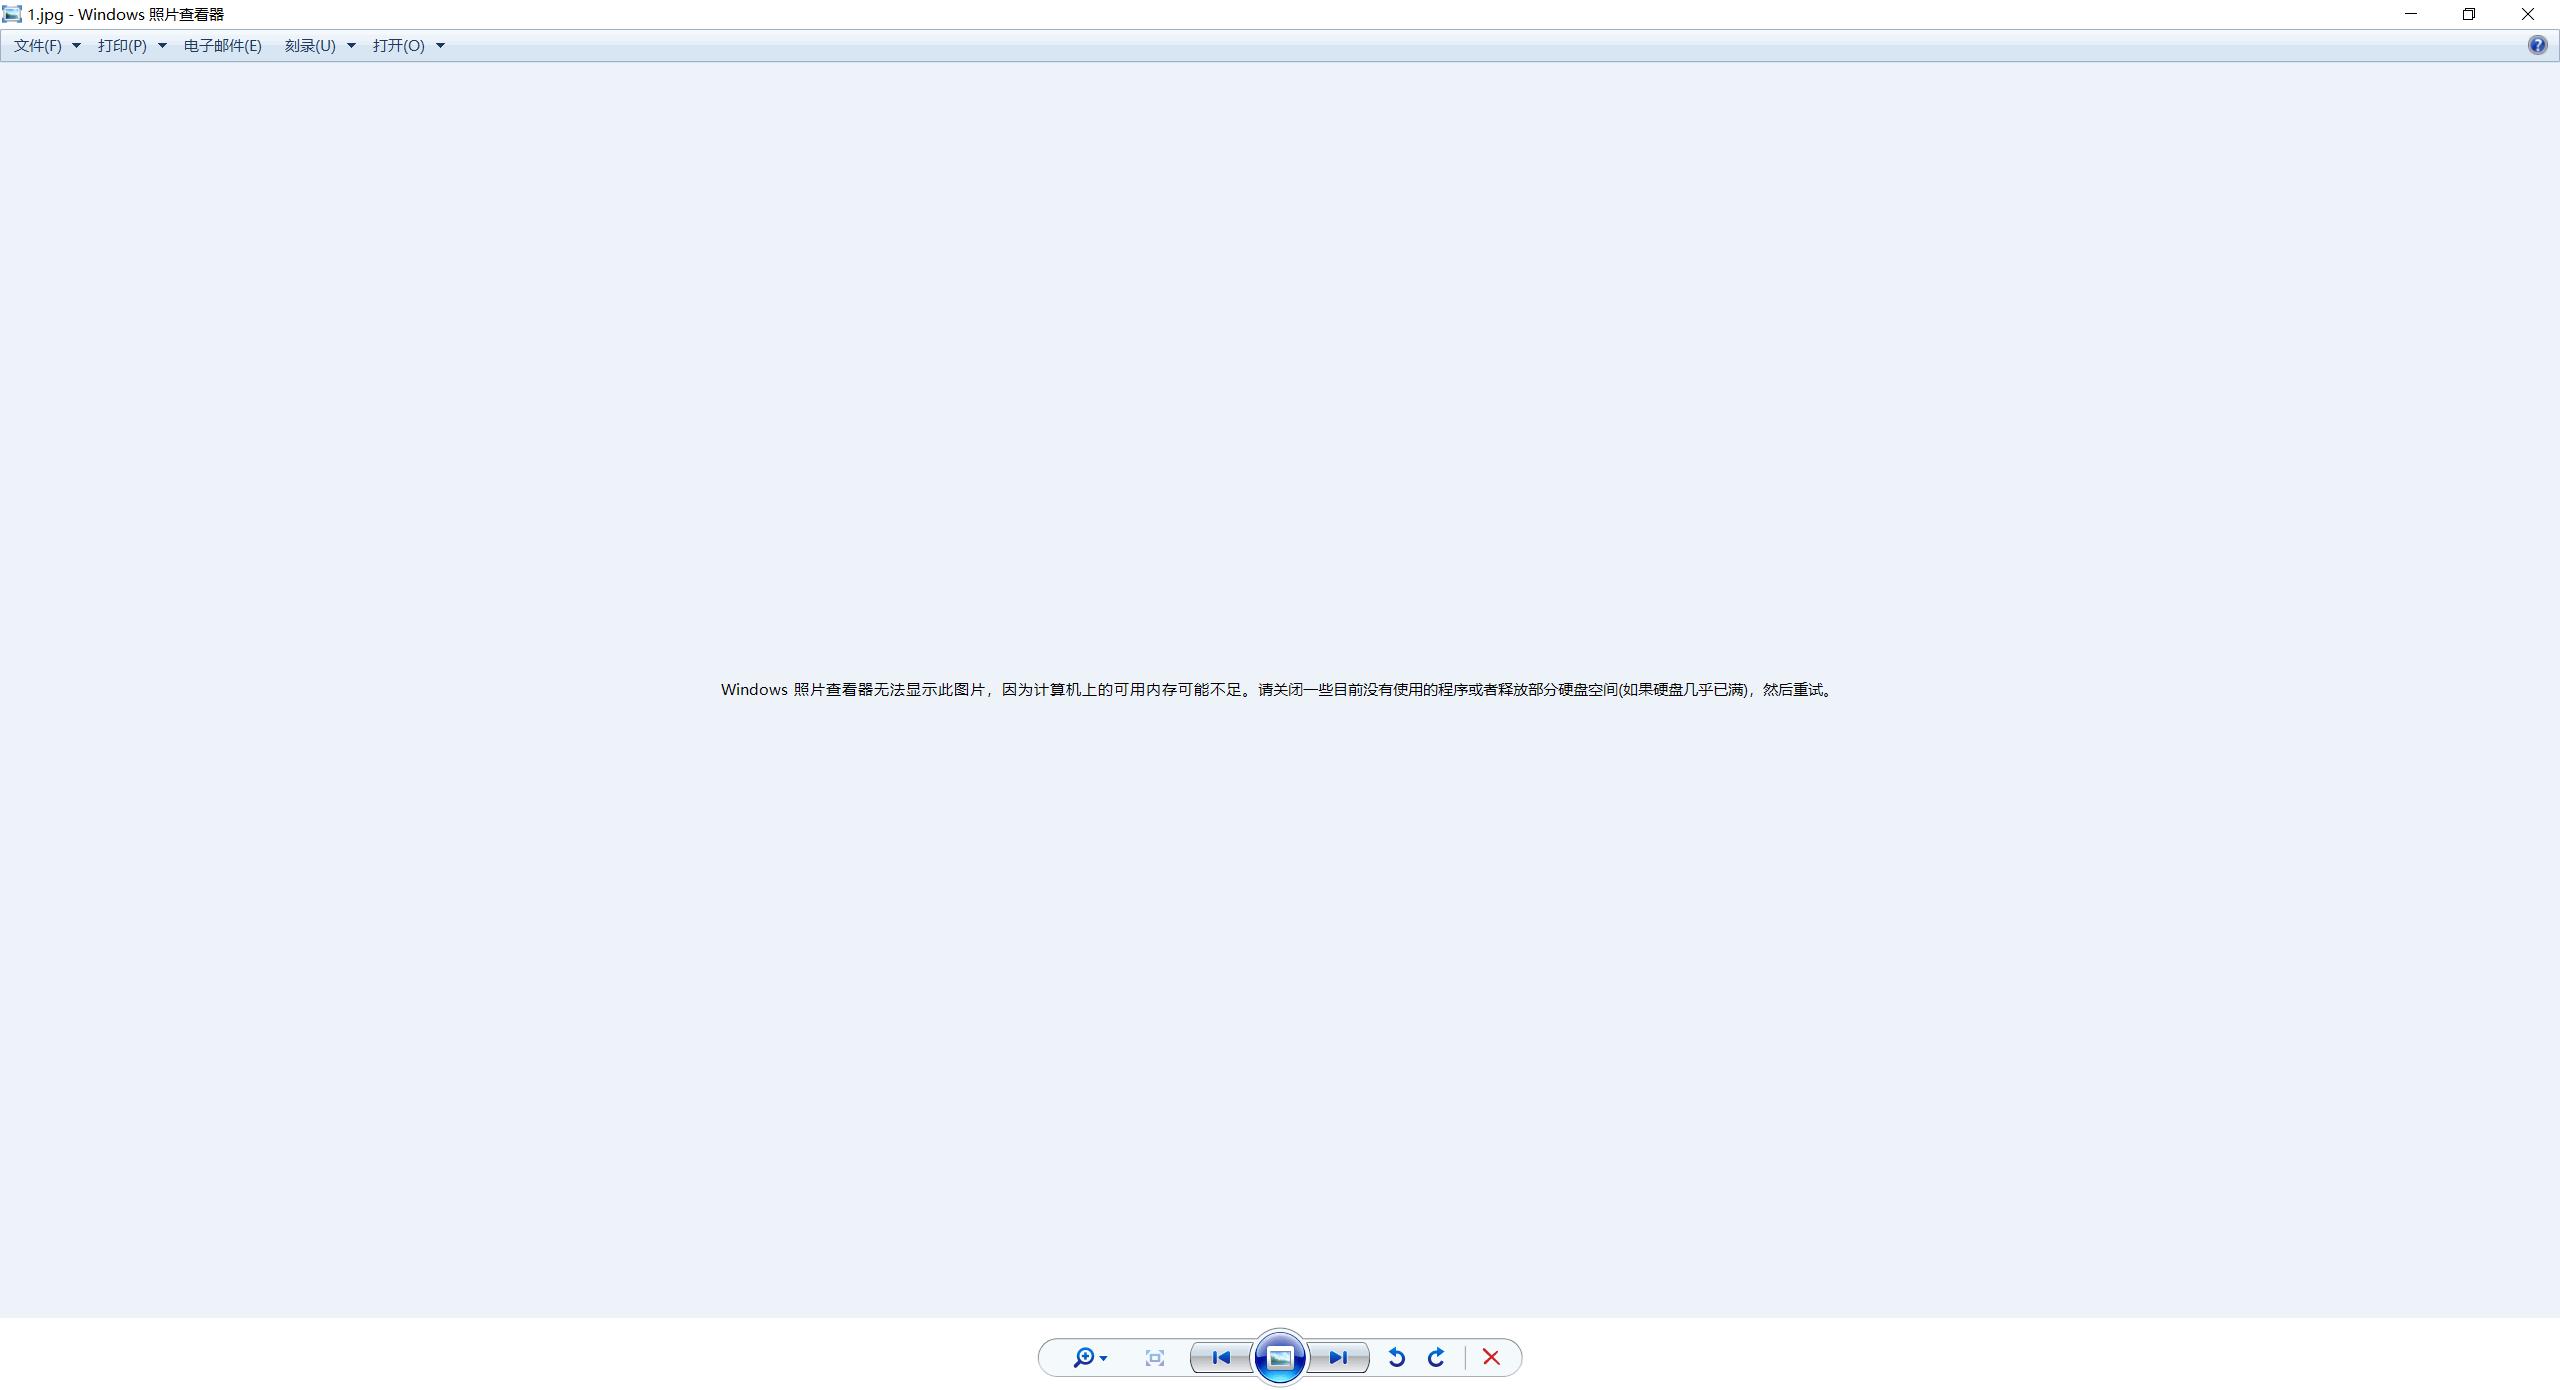 Windows 照片查看器无法显示此图片,因为计算机上的可用内存可能不足